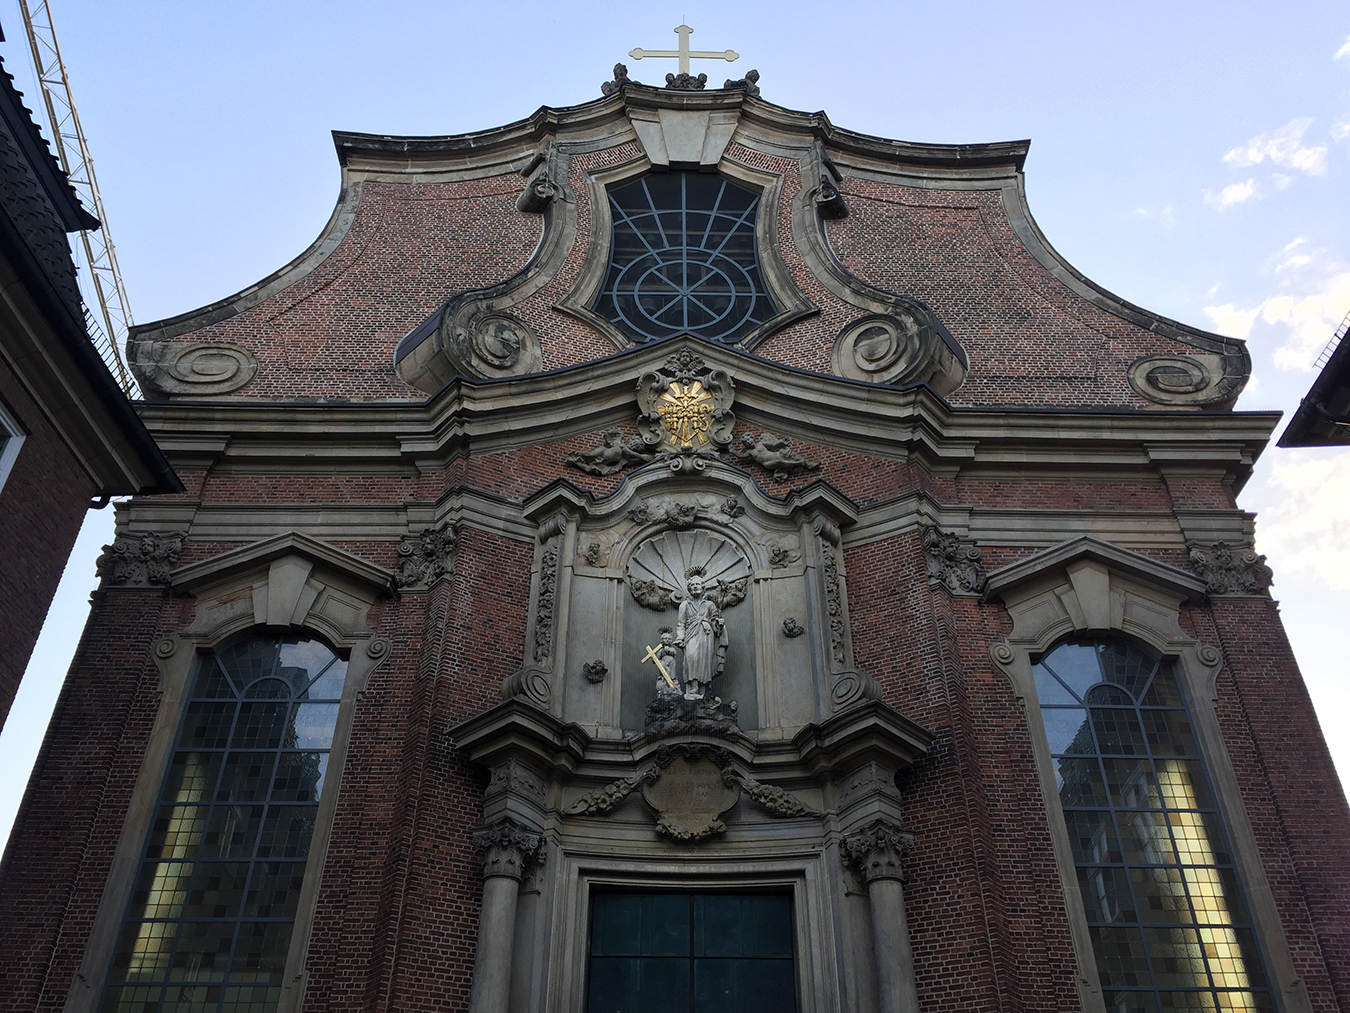 Tony_Ward_photography_travelogue_Hamburg_Germany_old_world_charm_church_Reeperbahn_religeon